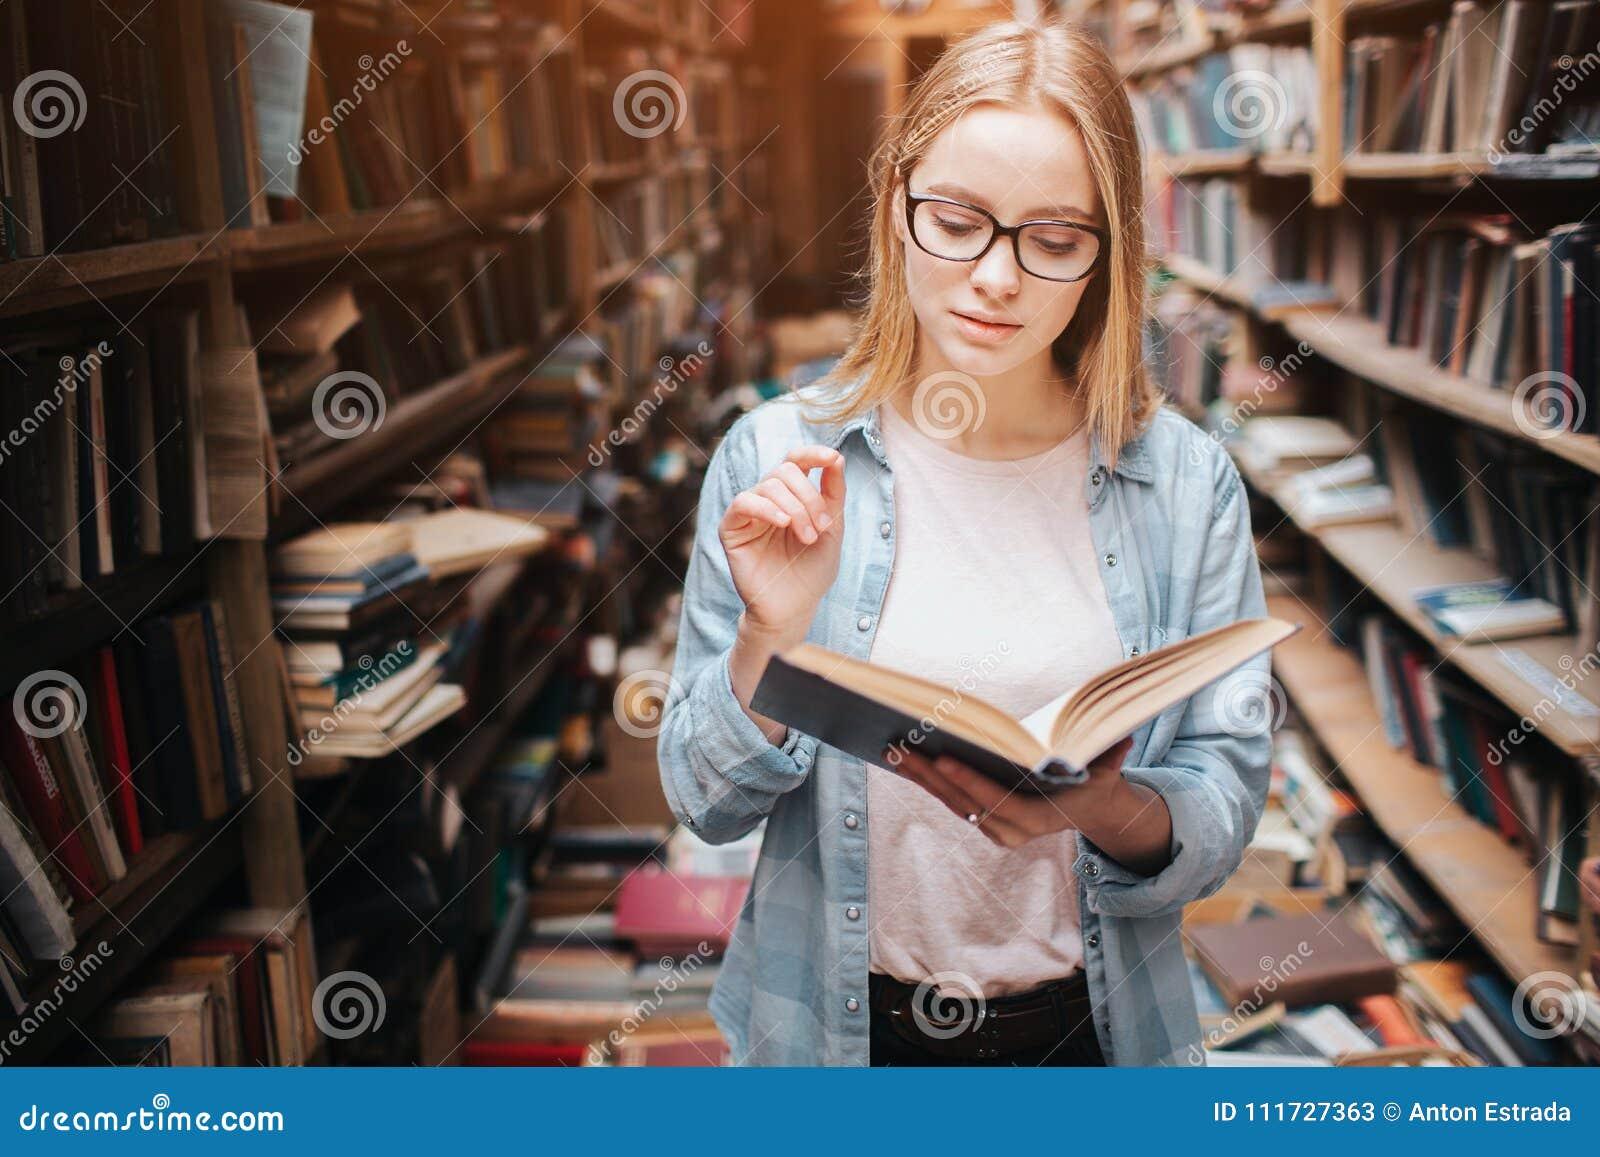 年轻少年在公立图书馆 她找到一本书并且读了它 这个女孩是镇静平安和体贴的